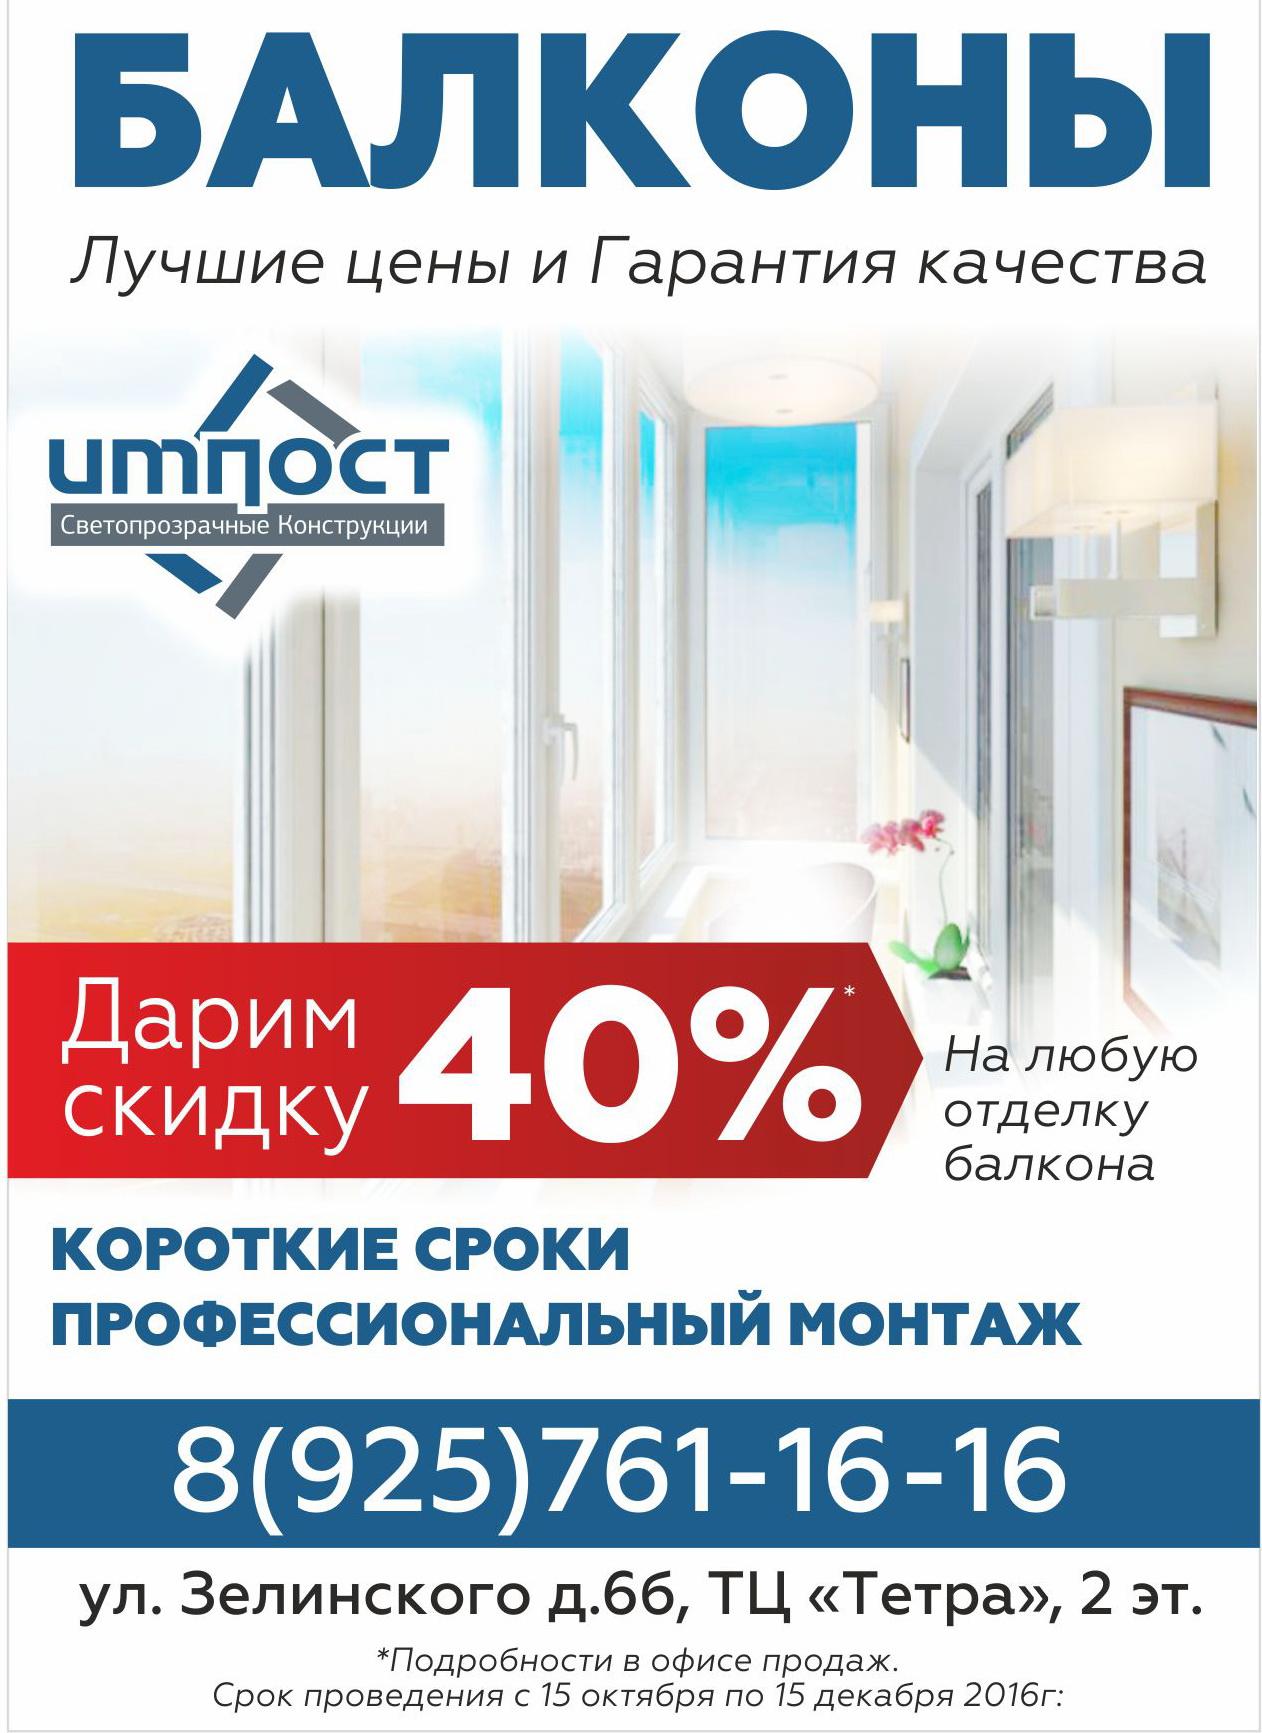 Акция балконы // новость импост.